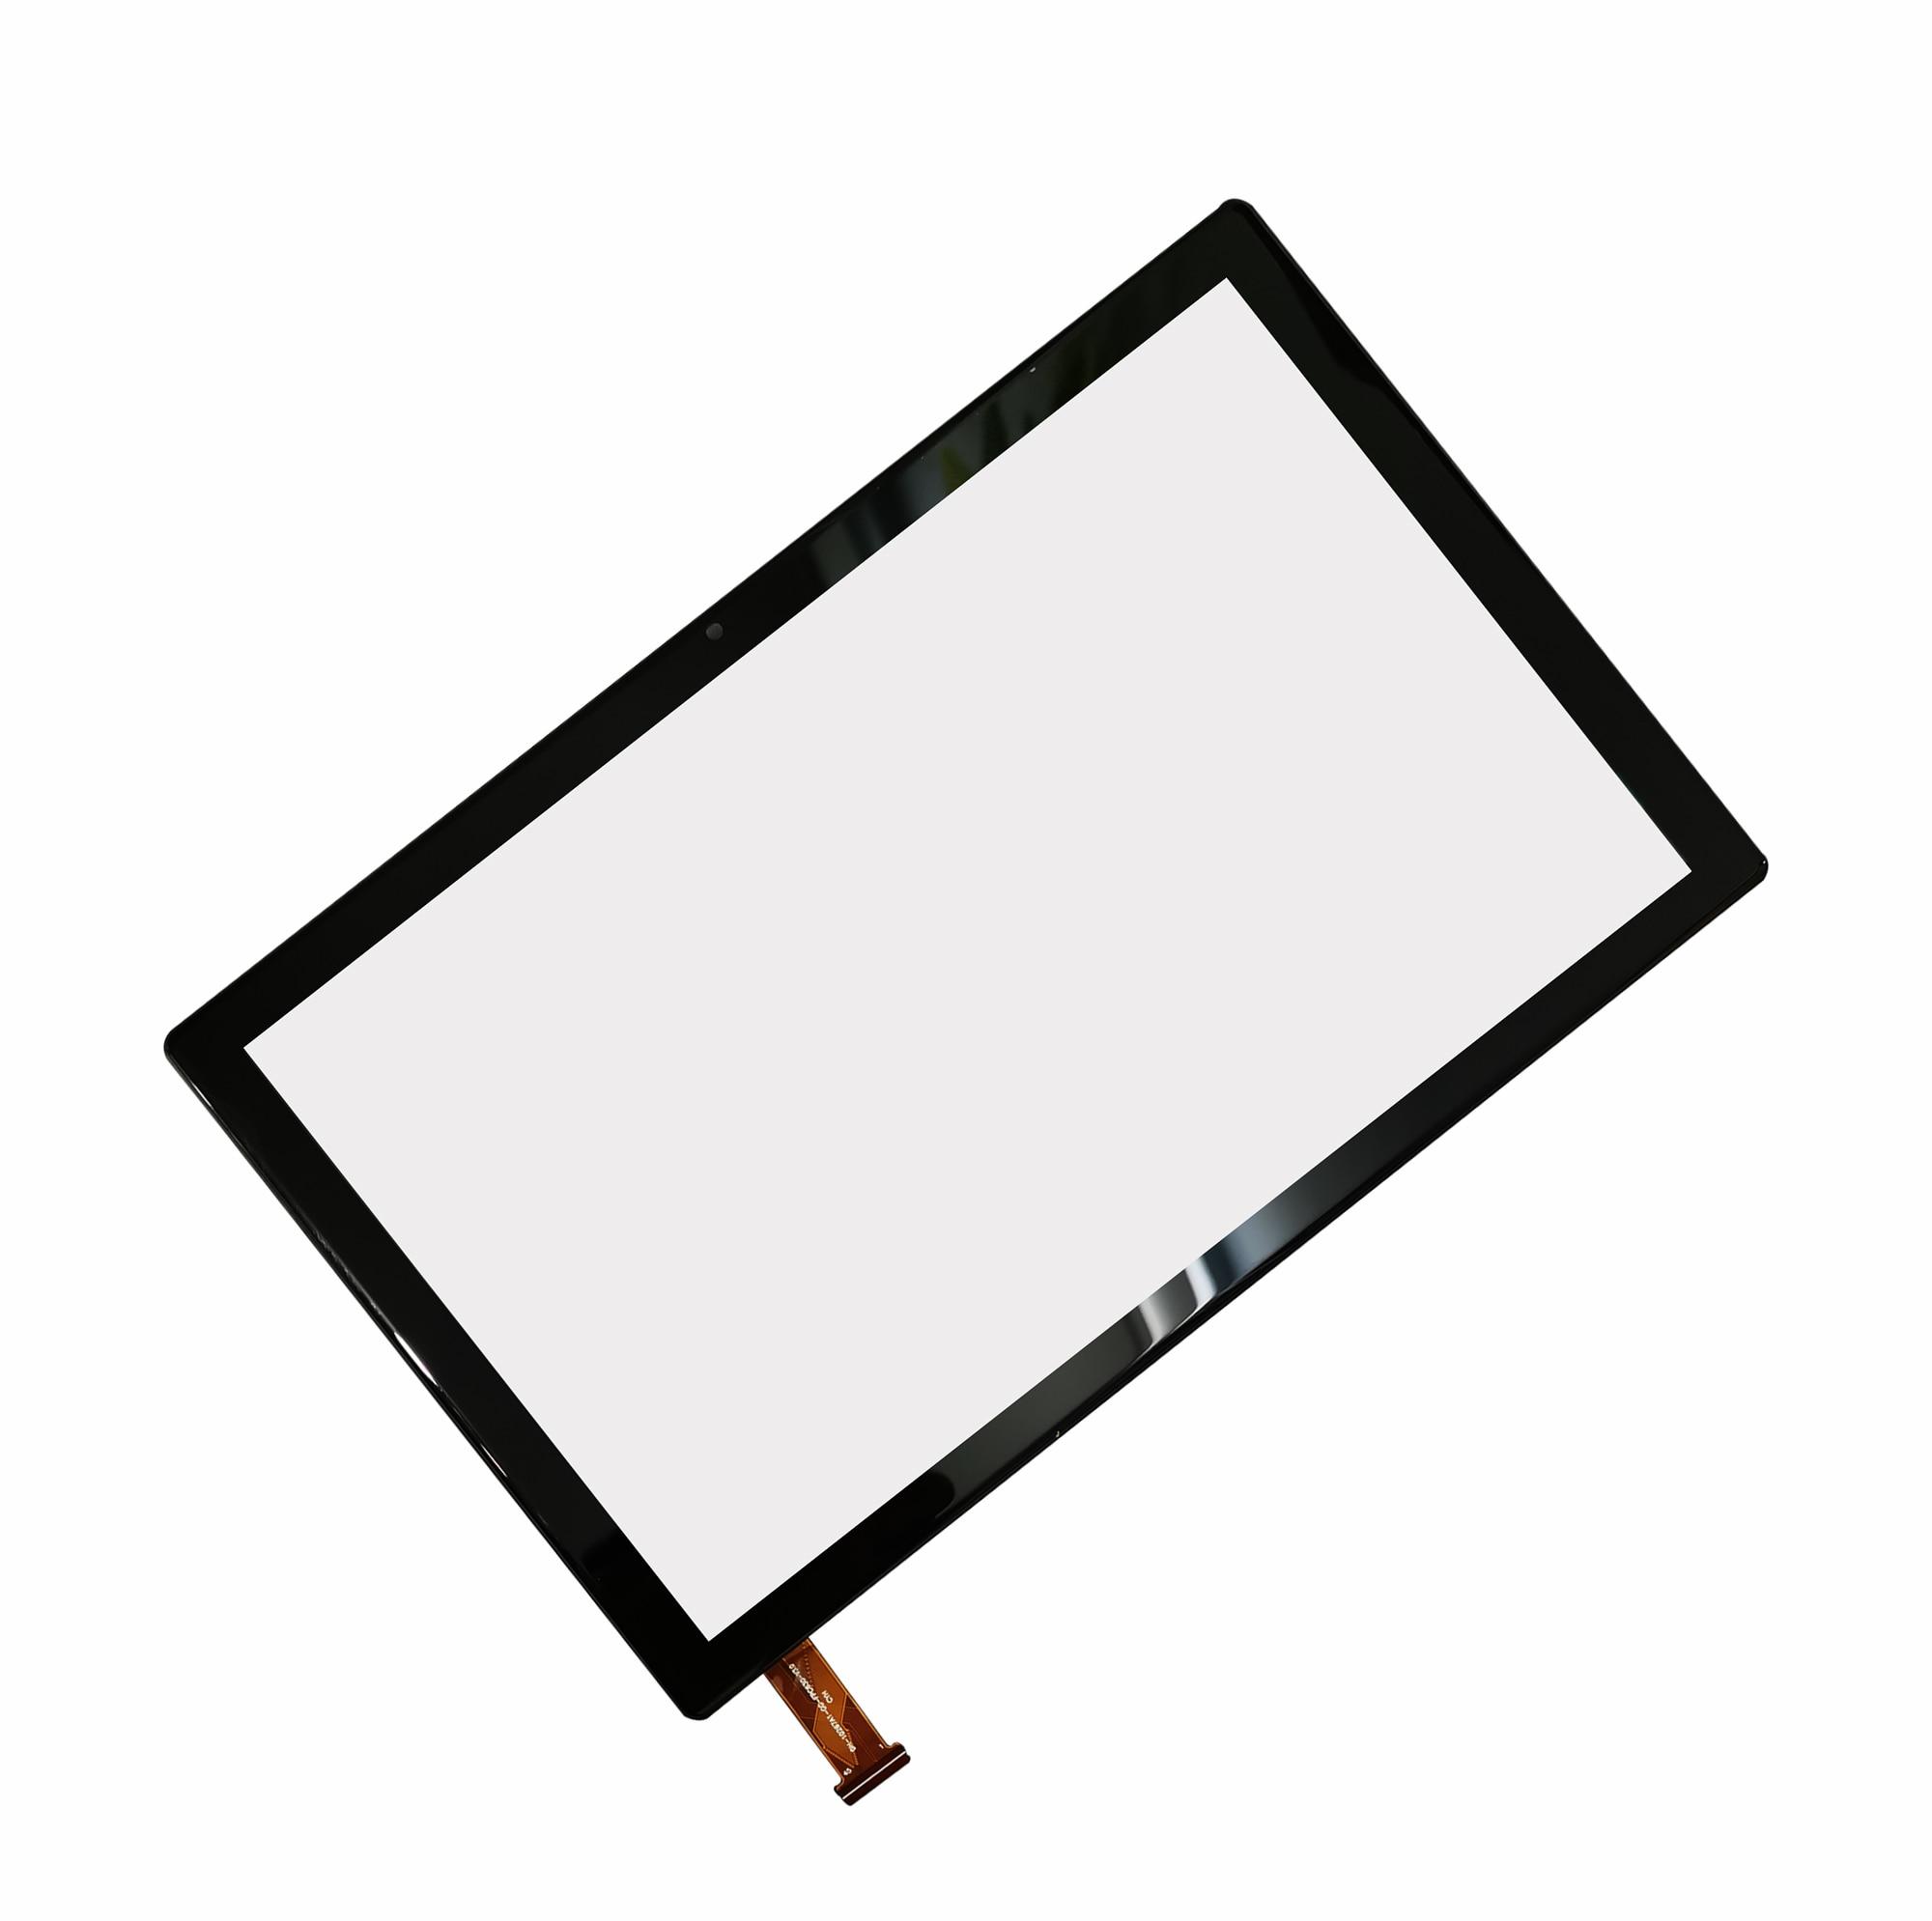 """Новый ЖК-дисплей Дисплей для 10,1 """"дюймовый планшет Teclast P20HD сенсорный экран Сенсорная панель дигитайзер Стекло Сенсор для Teclast P20 HD-2"""